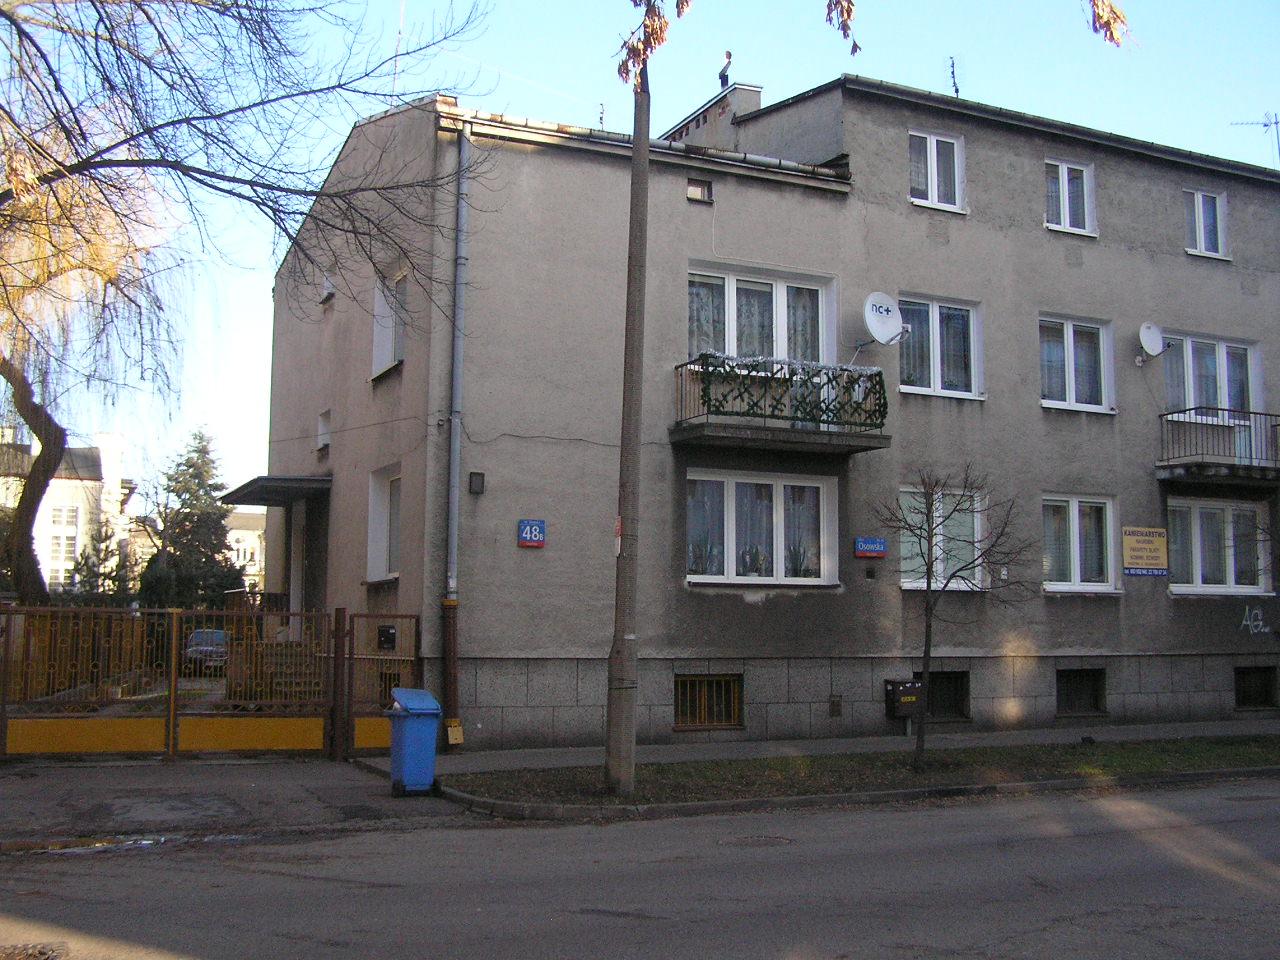 Osowska 48B